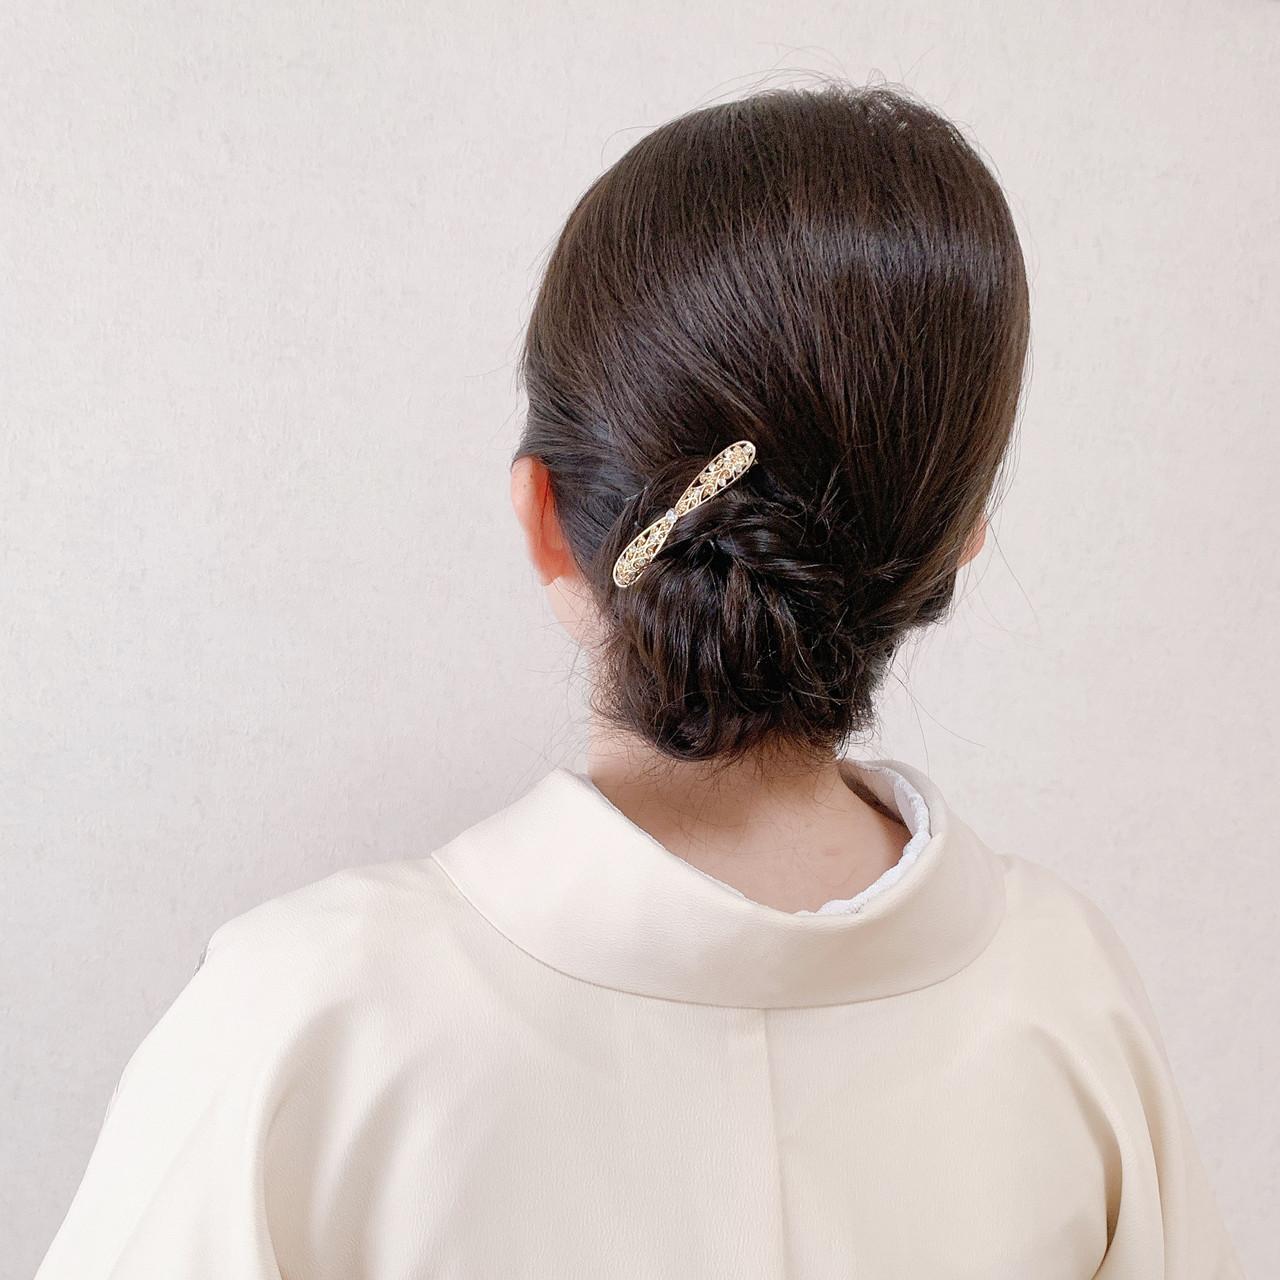 ミディアム 結婚式ヘアアレンジ 訪問着 アップスタイル ヘアスタイルや髪型の写真・画像